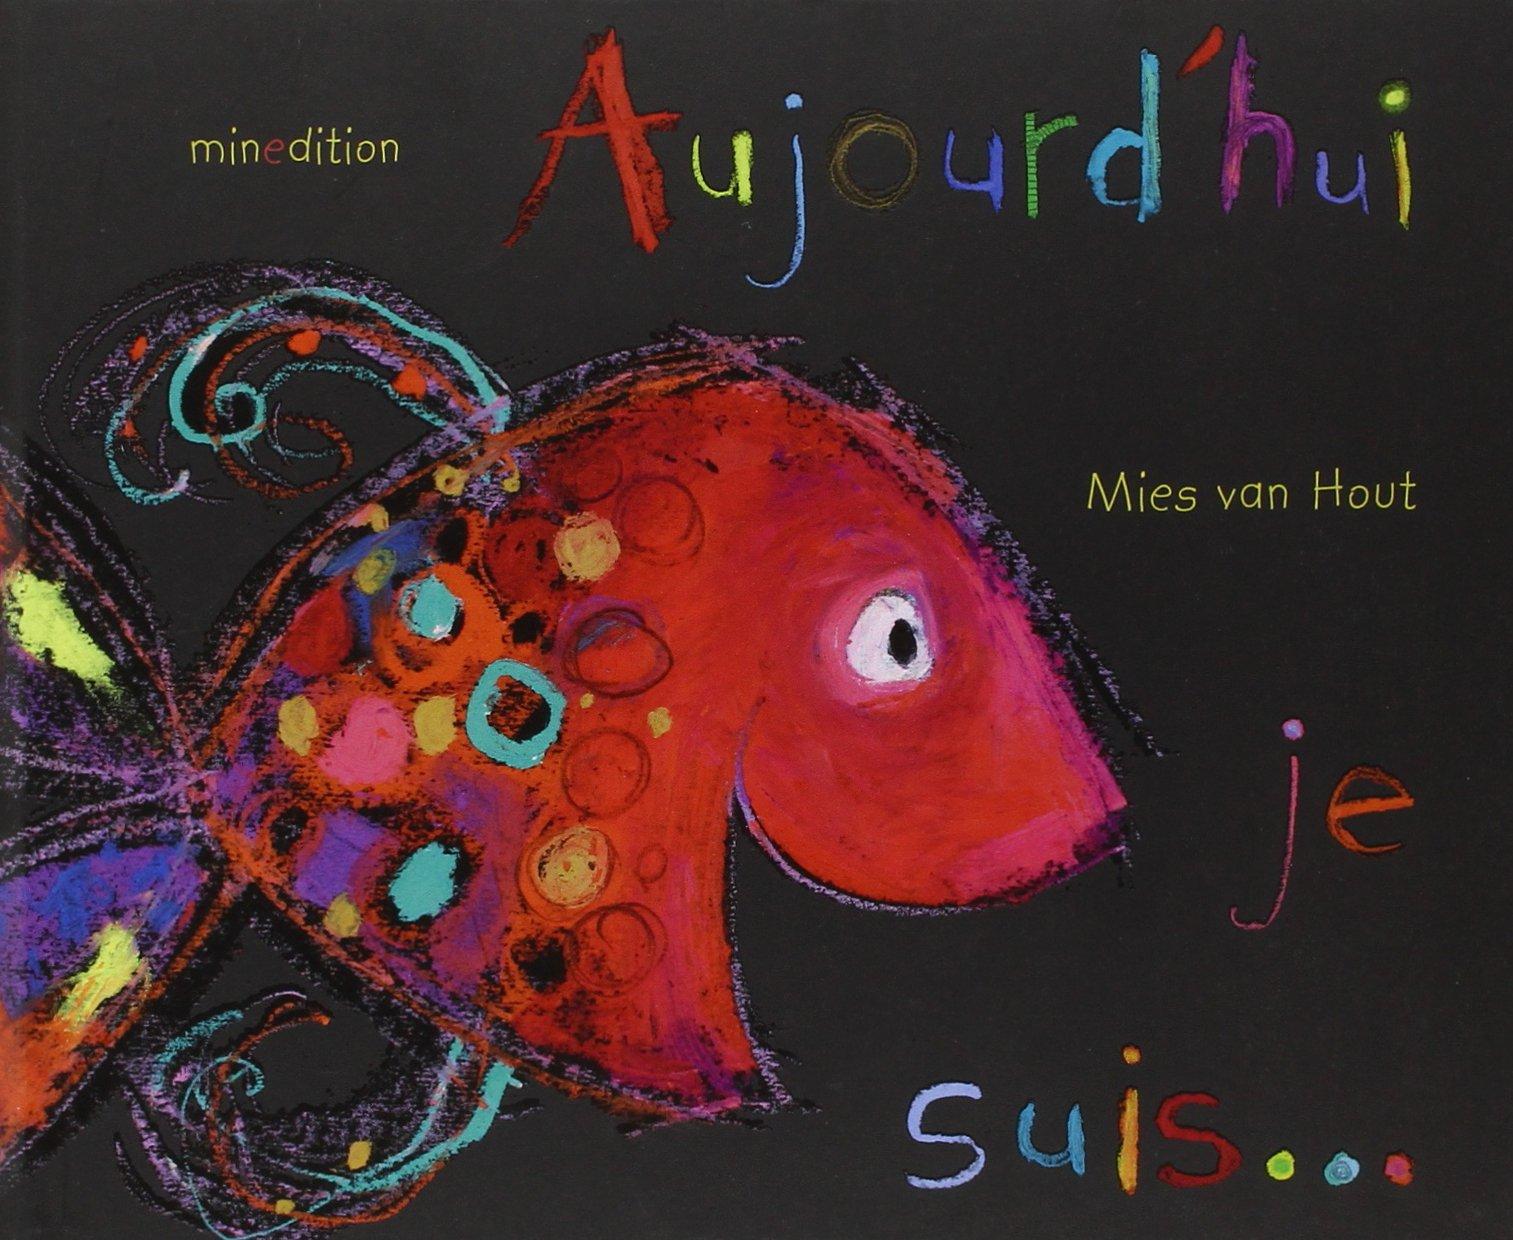 Aujourd'hui, je suis... Relié – 1 septembre 2011 Mies Van Hout Julie Duteil Aujourd'hui Minedition